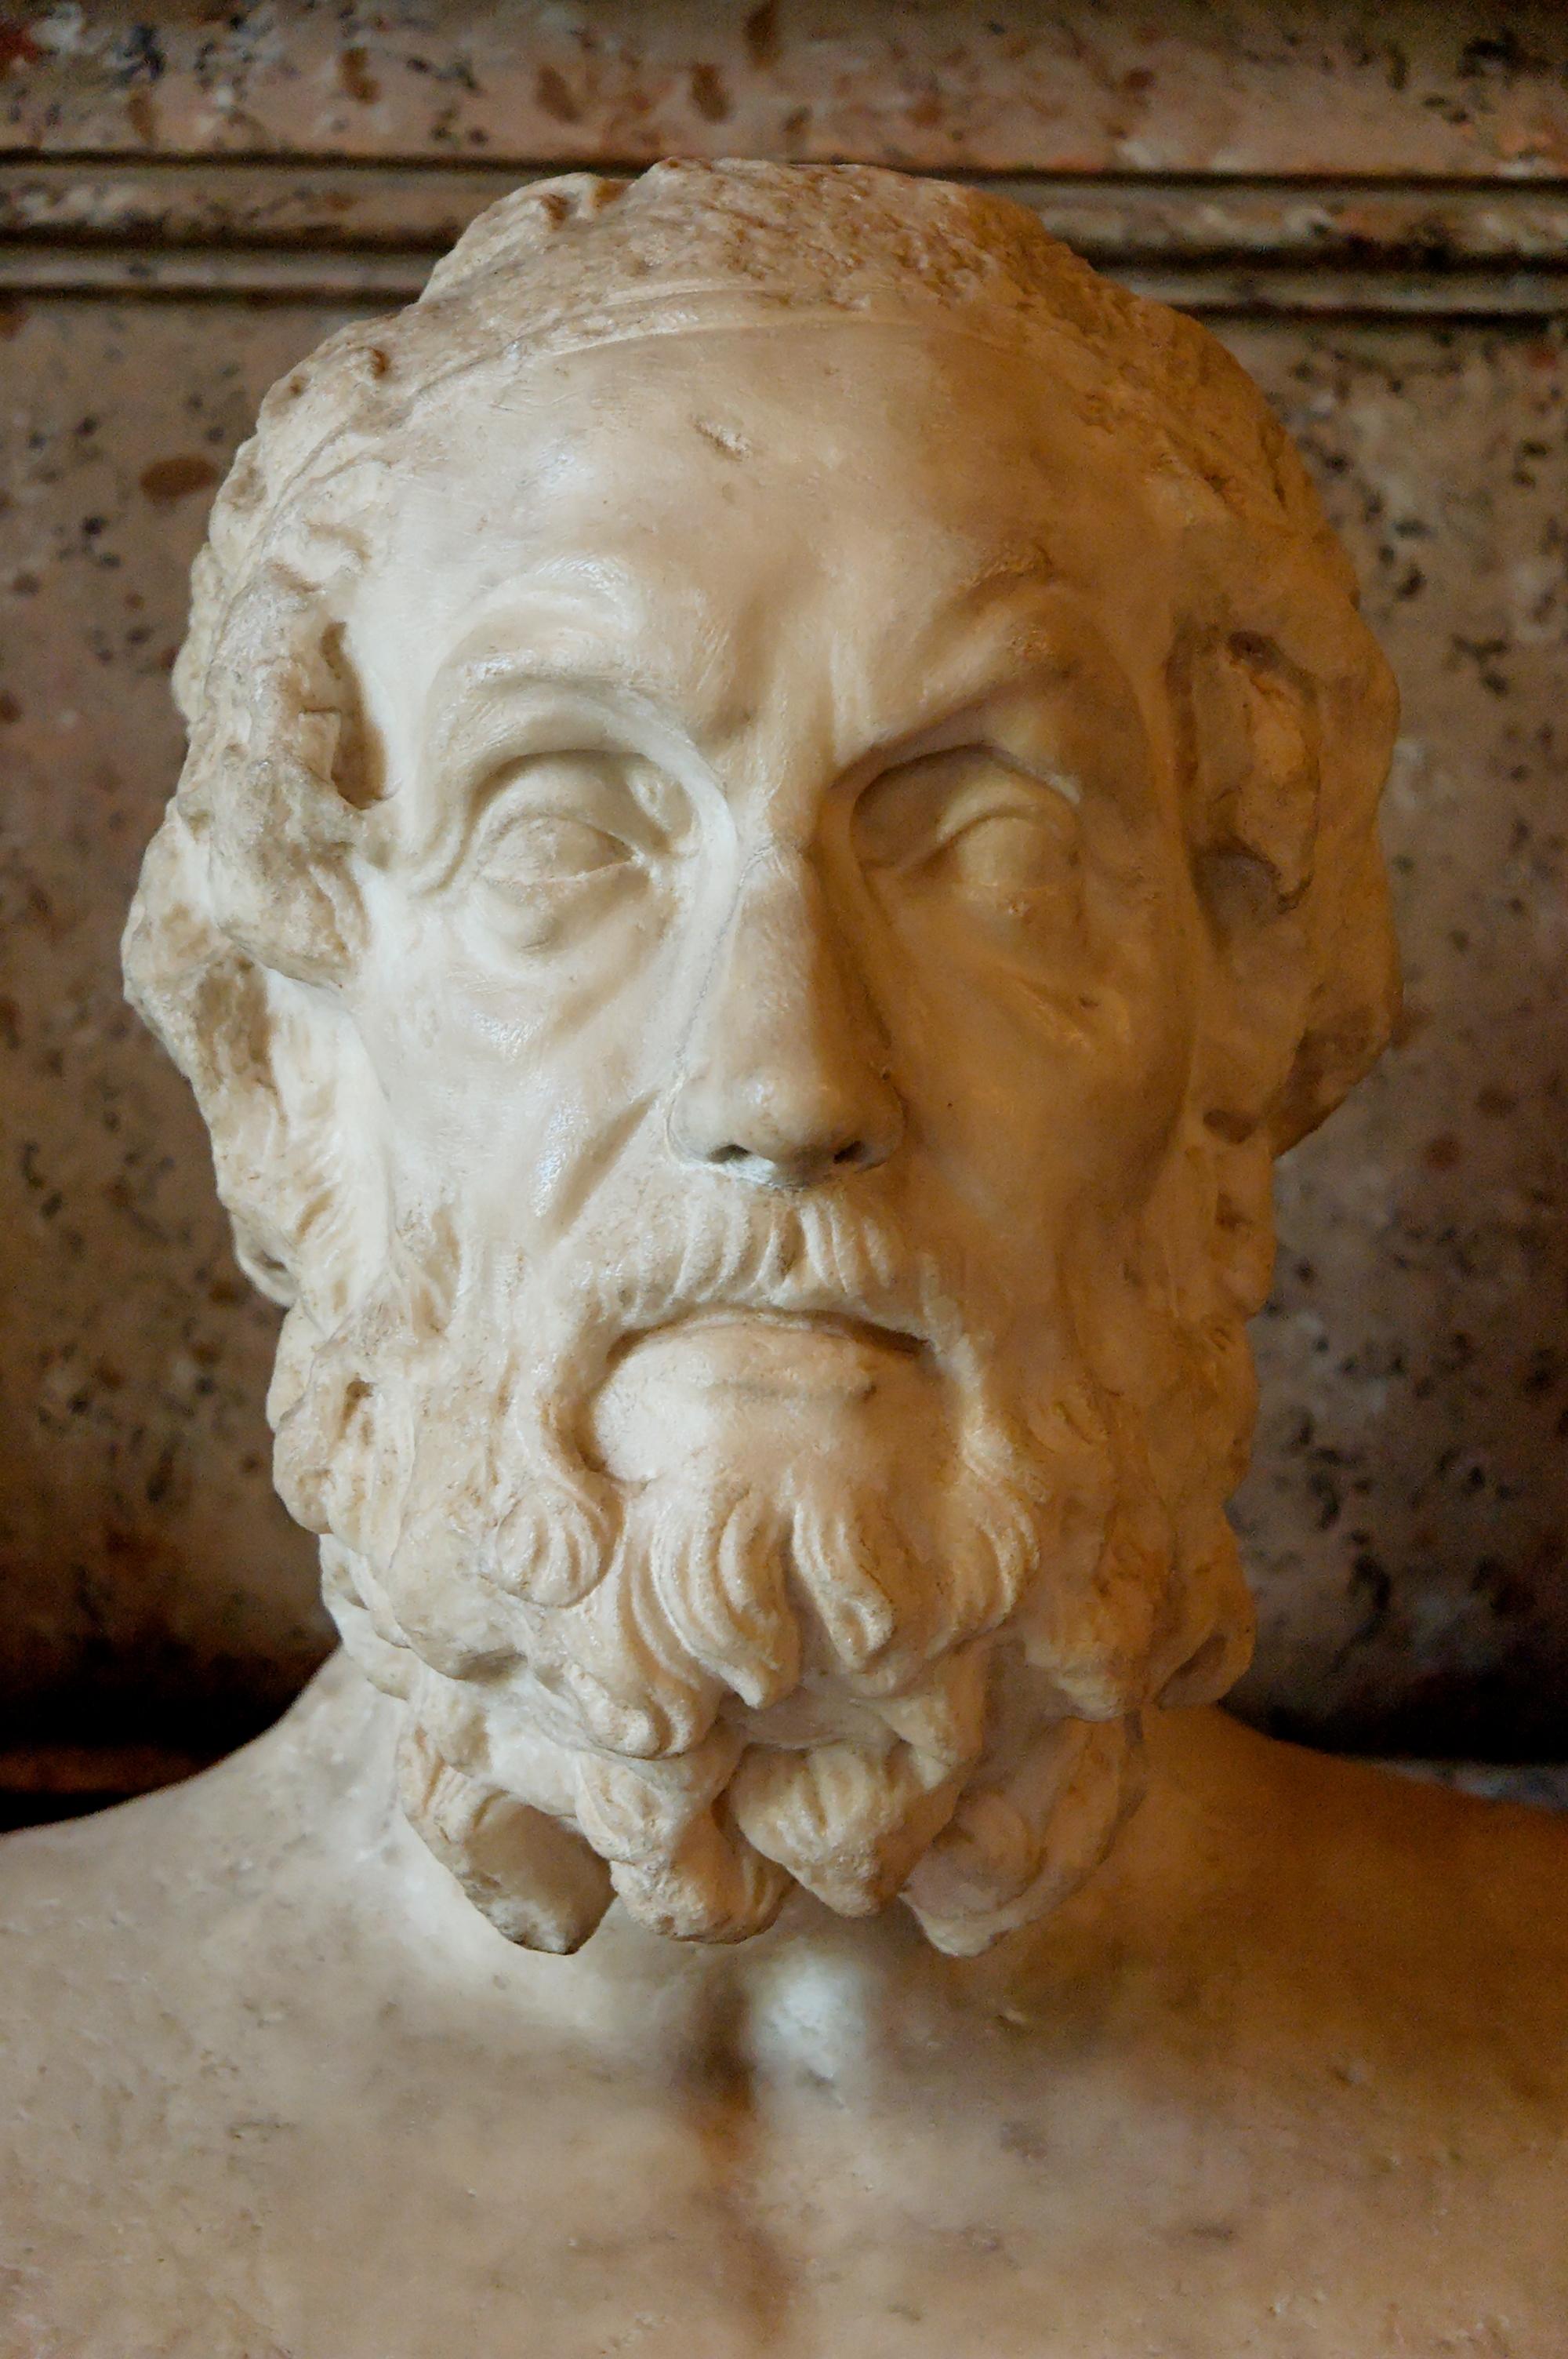 Busto de Homero. Mármol, copia romana de un original helenístico del siglo II a.C., [[Museos Capitolinos]], [[Roma]].